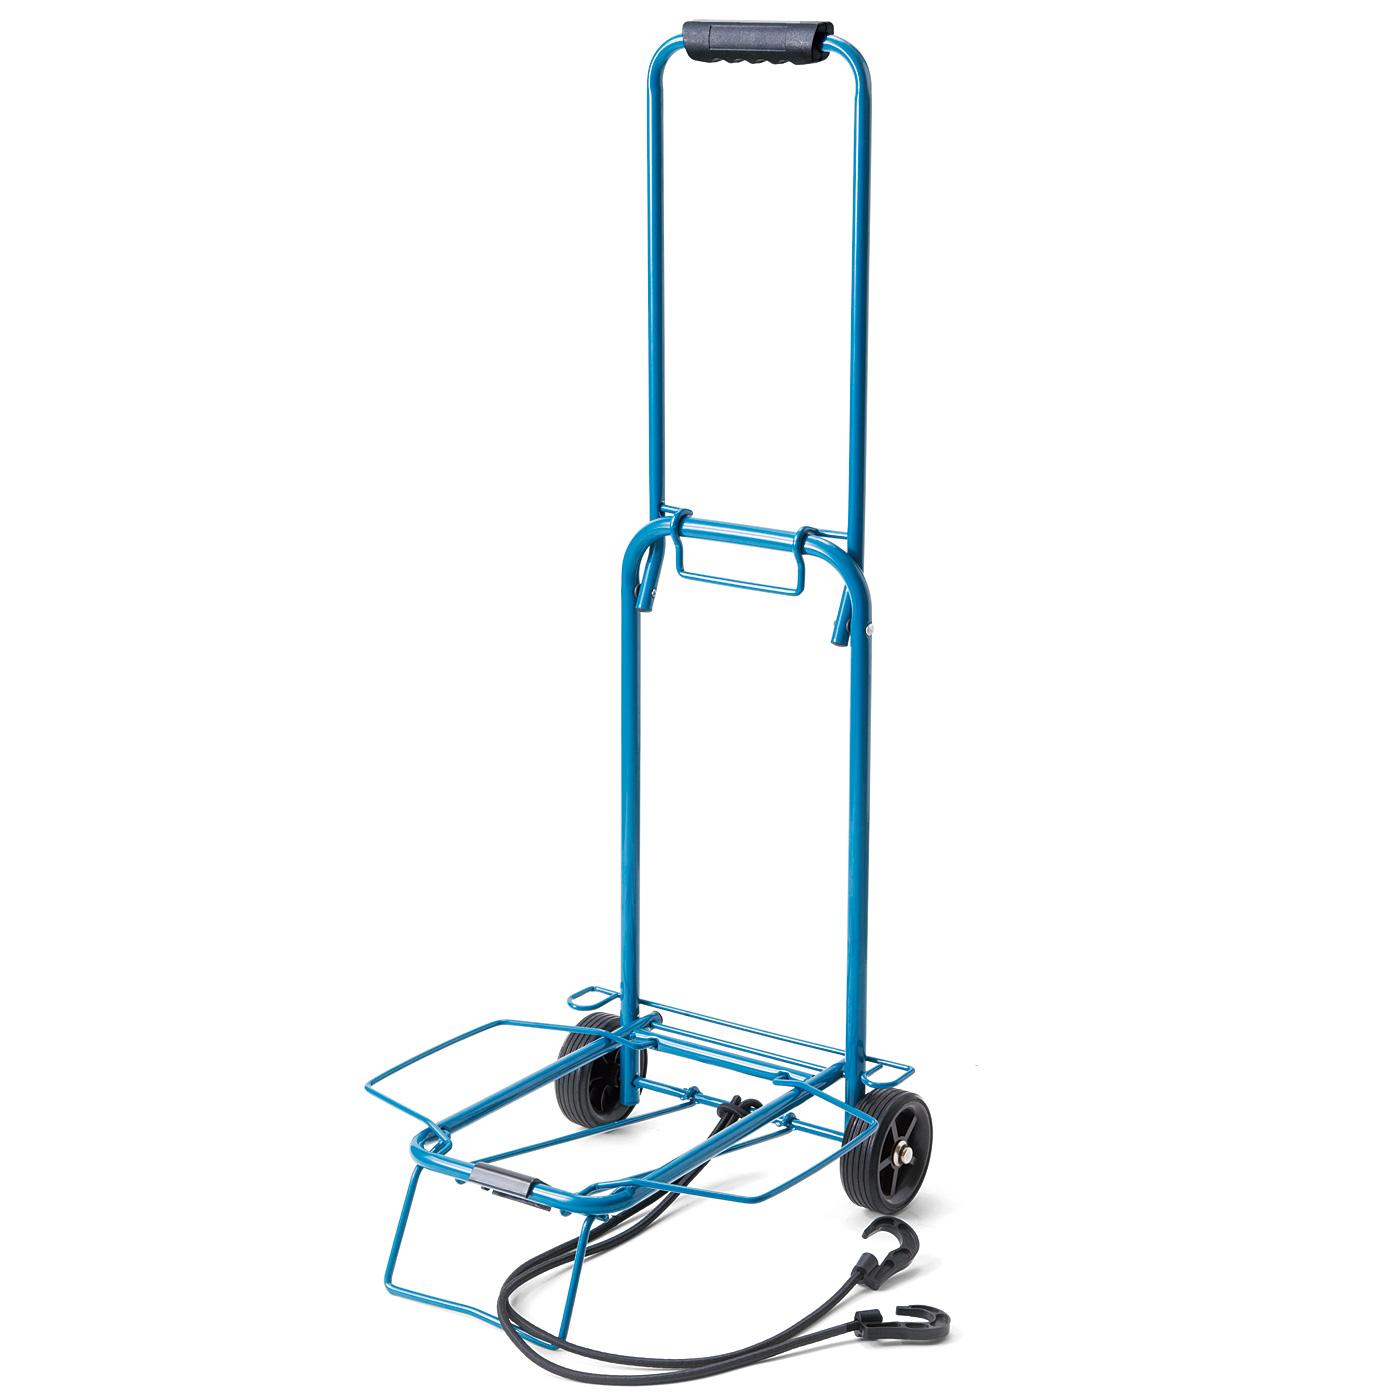 重たい荷物をらくらく移動! コンパクトに持ち運べる キャリーカート